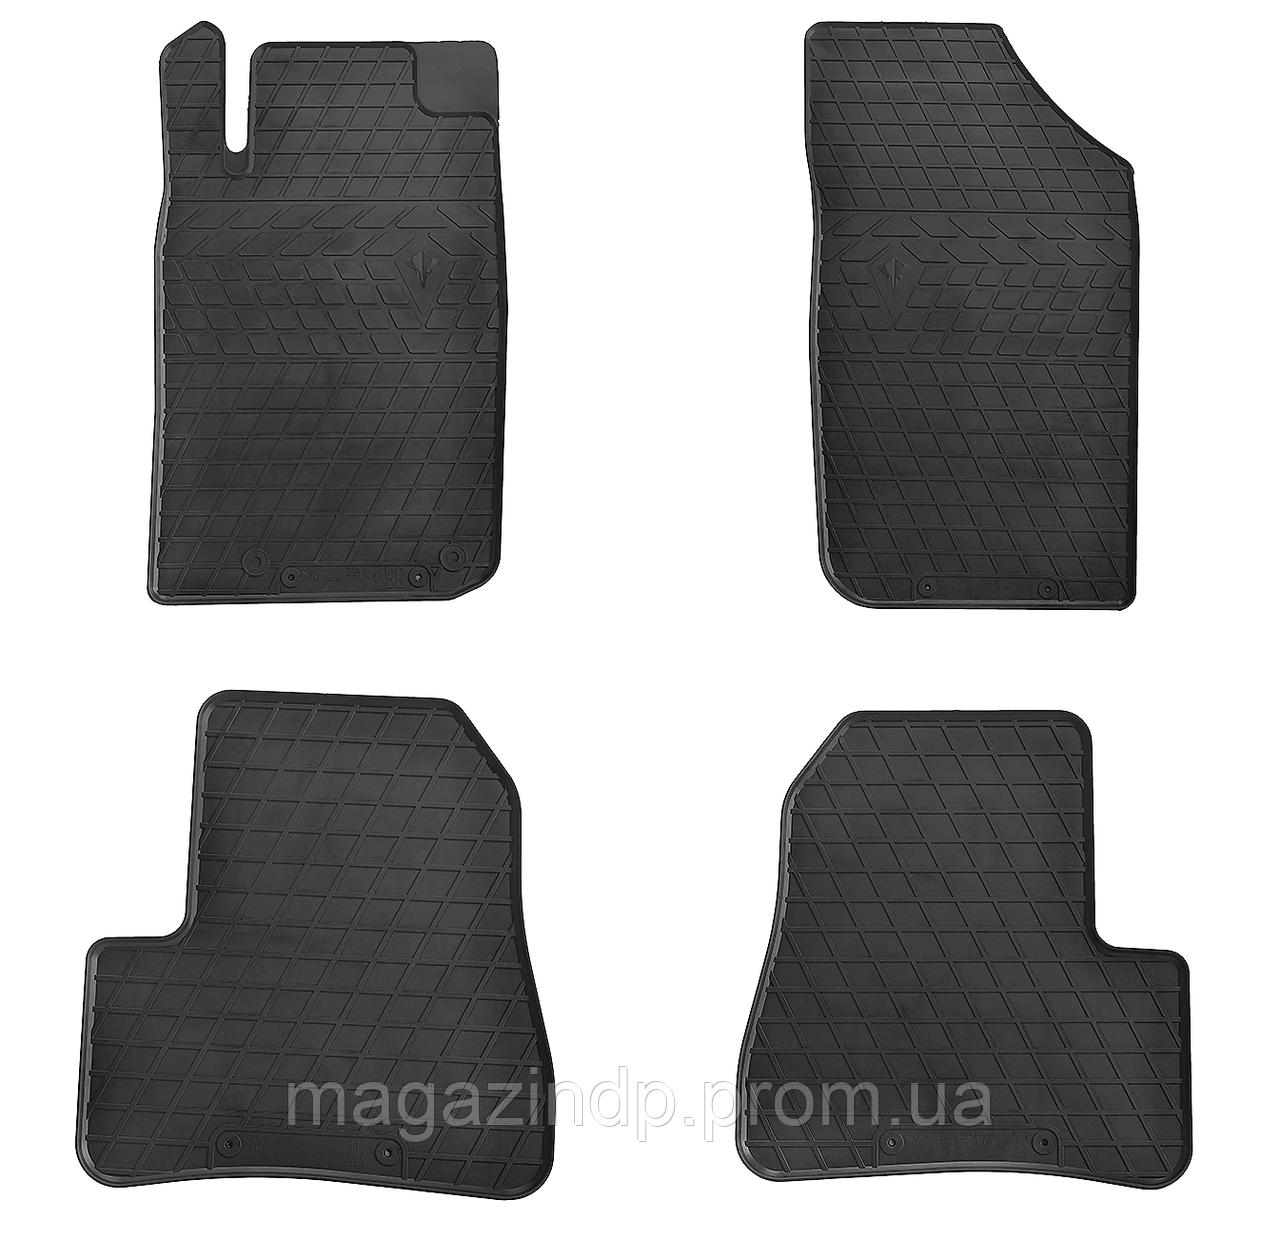 Коврики в салон для Peugeot 206 98- (design 2016) - (комплект - 4 шт). 1016044 Код товара: 3814279